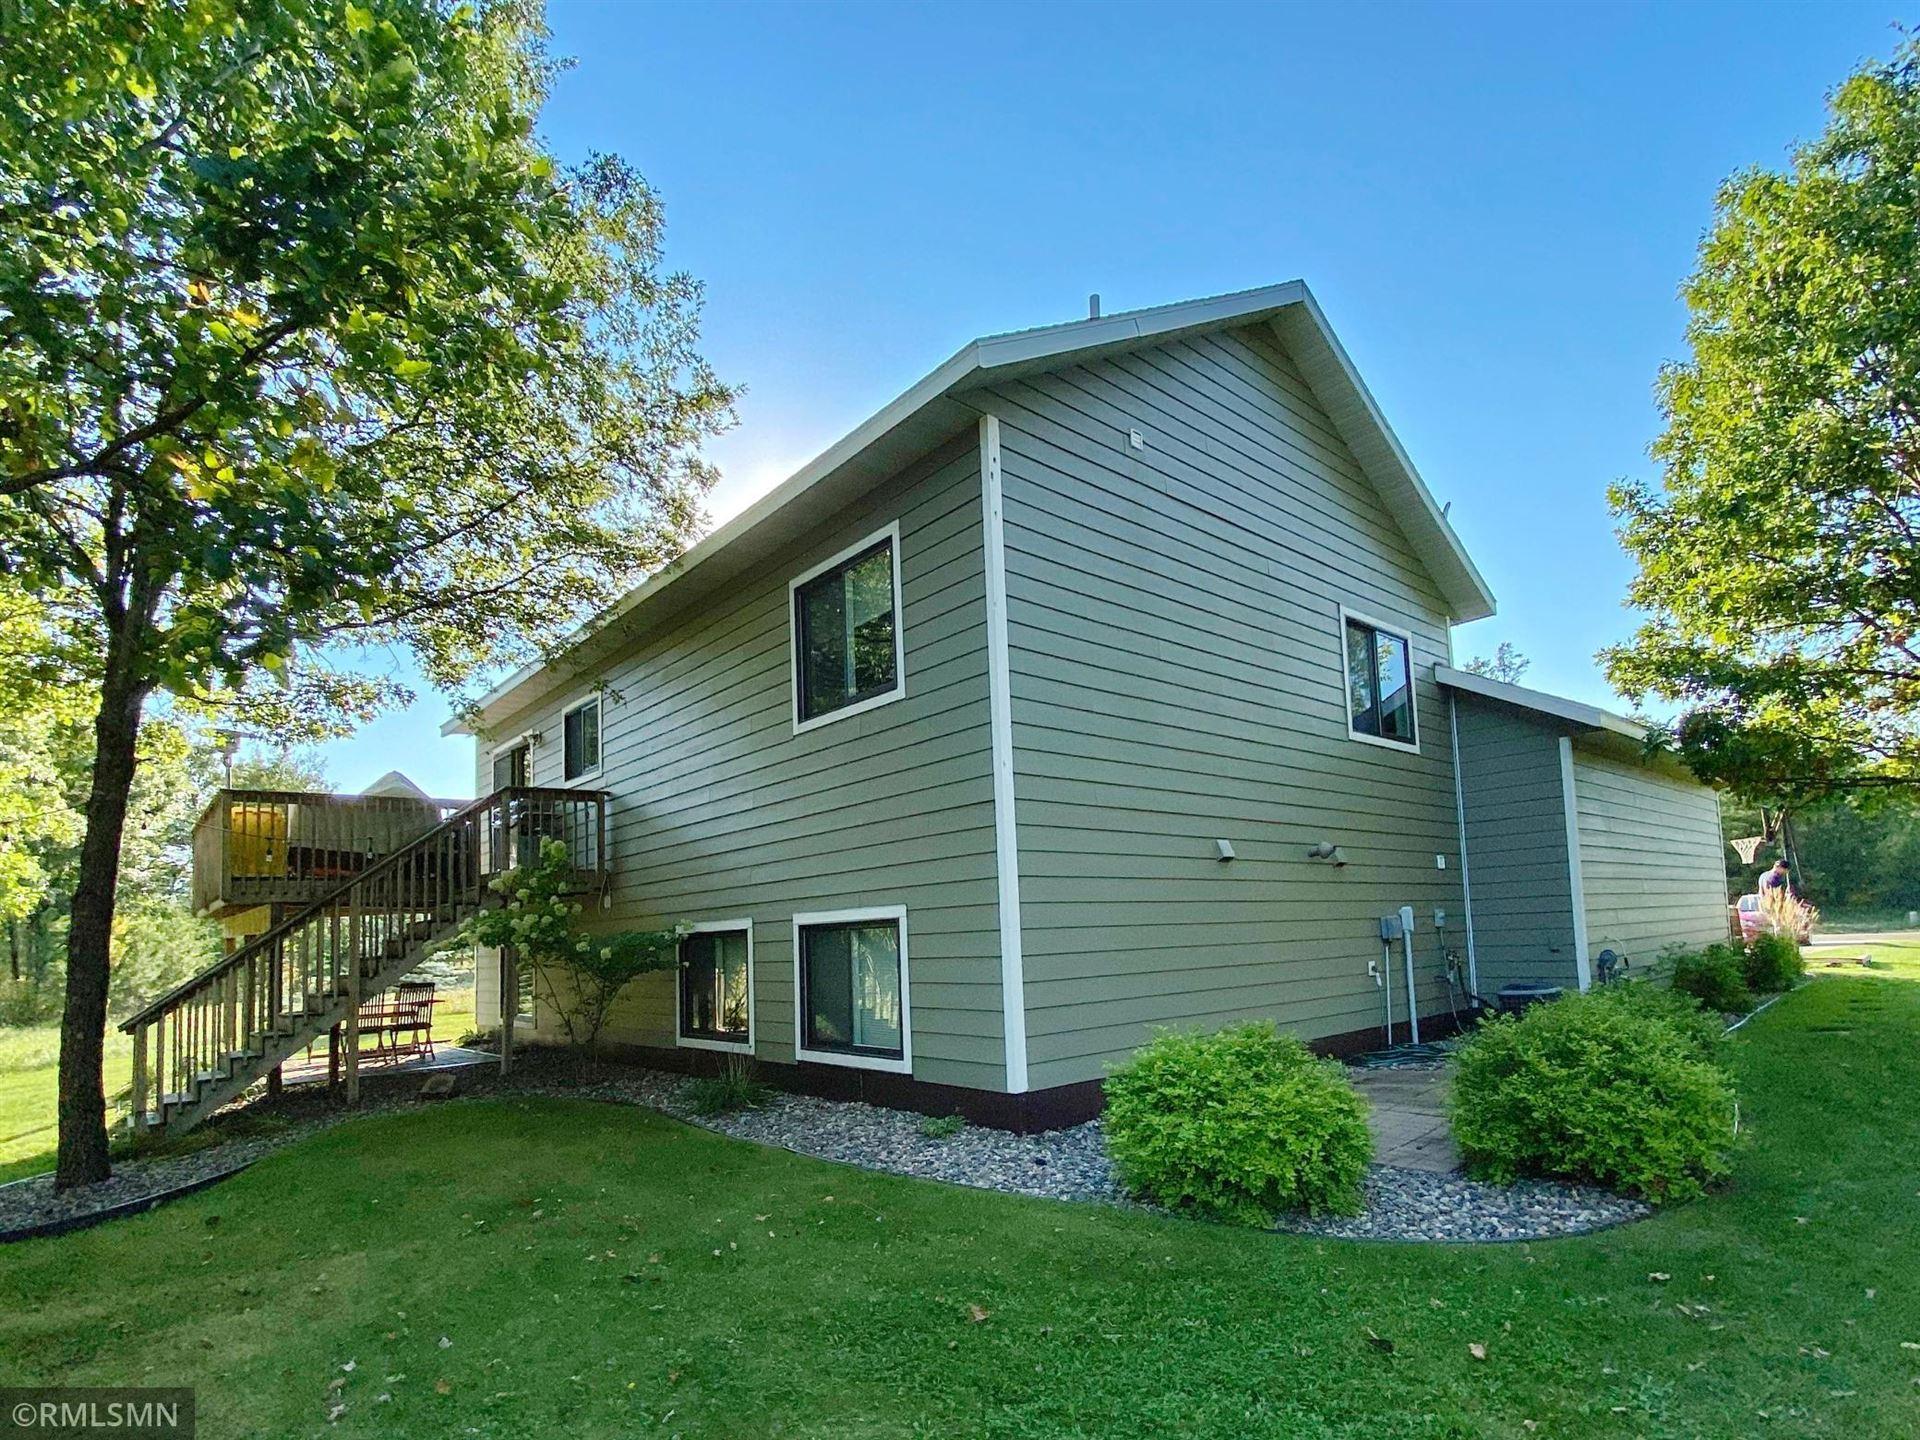 Photo of 11832 Ironwood Drive, Baxter, MN 56425 (MLS # 6103512)